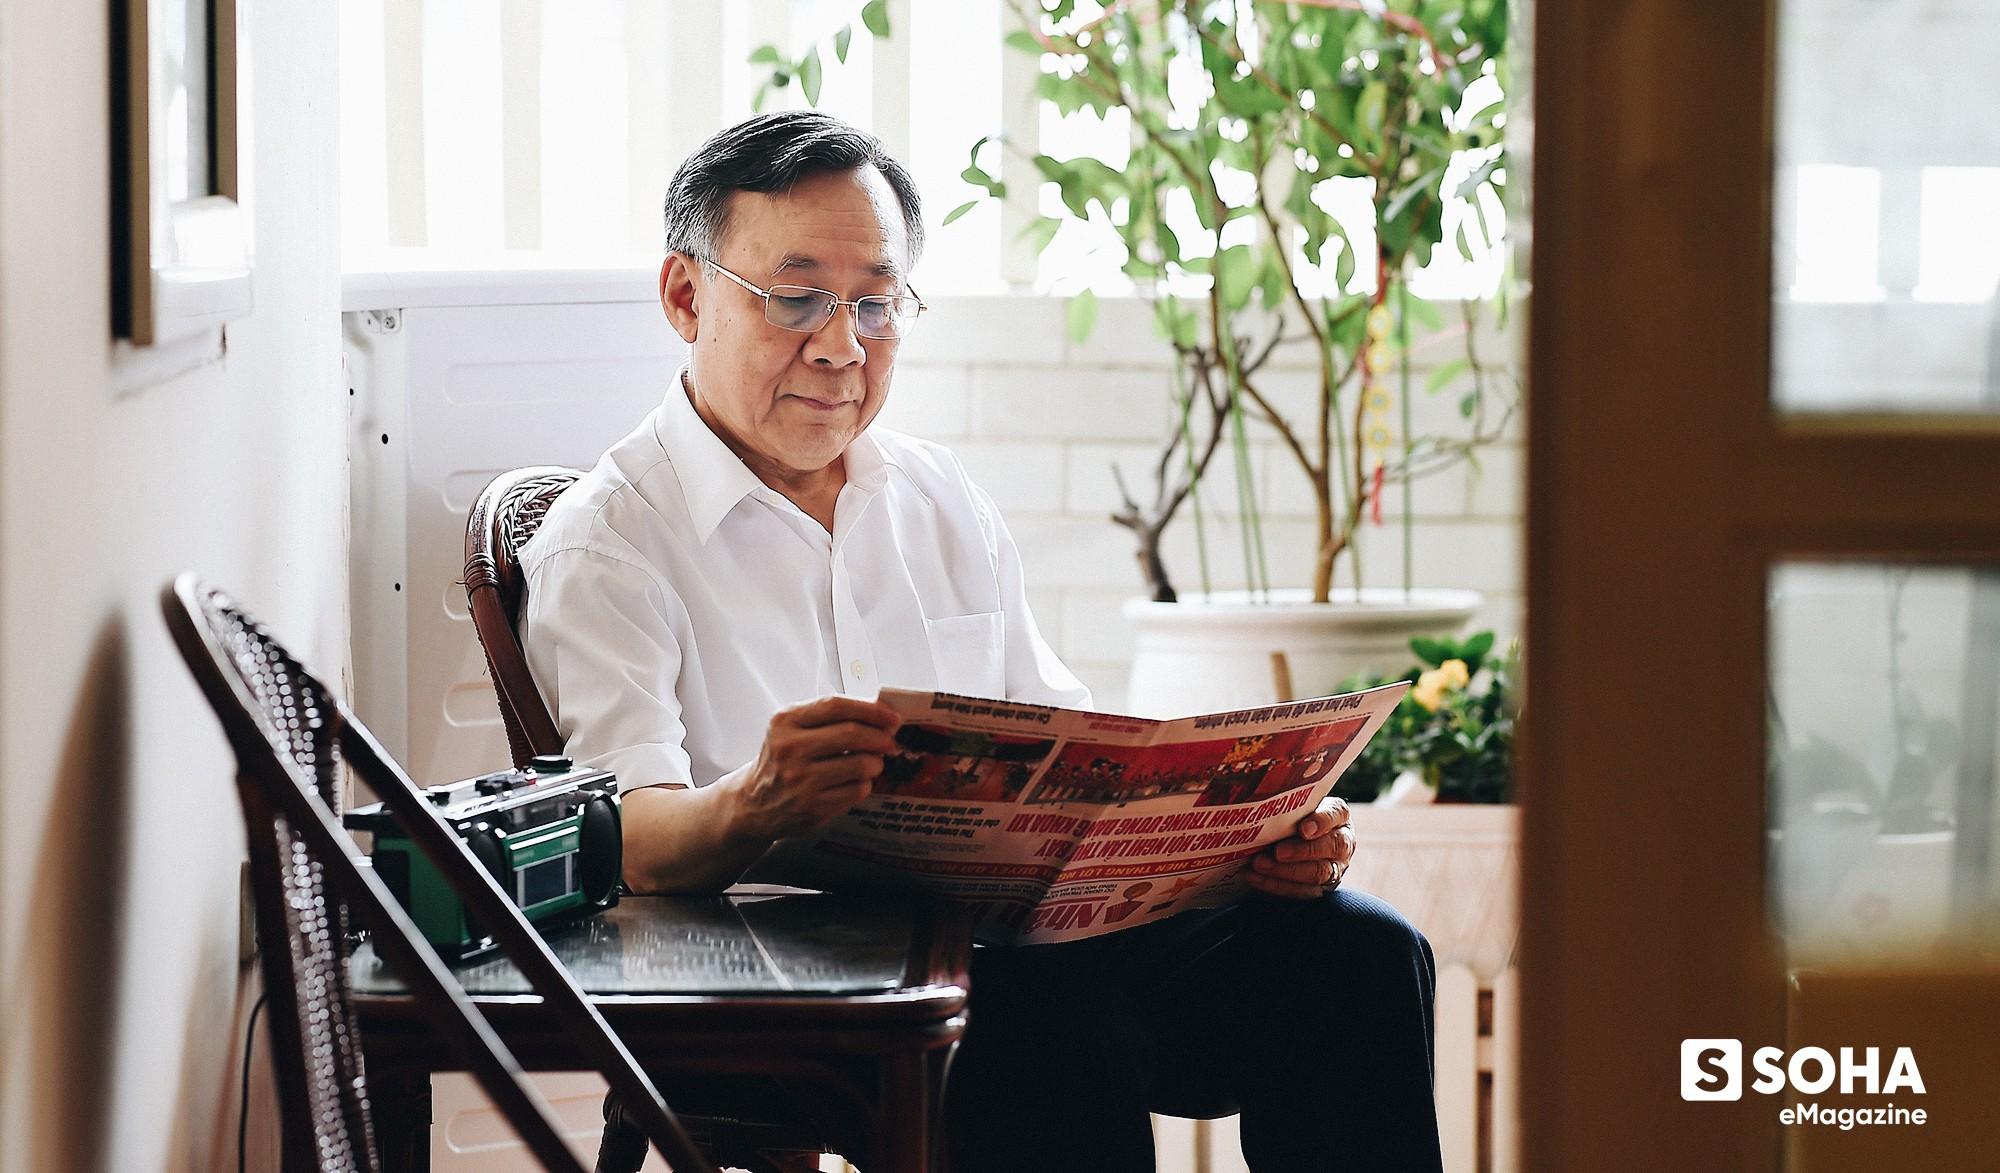 Đại sứ Dương Chính Thức: Tôi may mắn được biết một đất nước Triều Tiên rất khác - Ảnh 16.